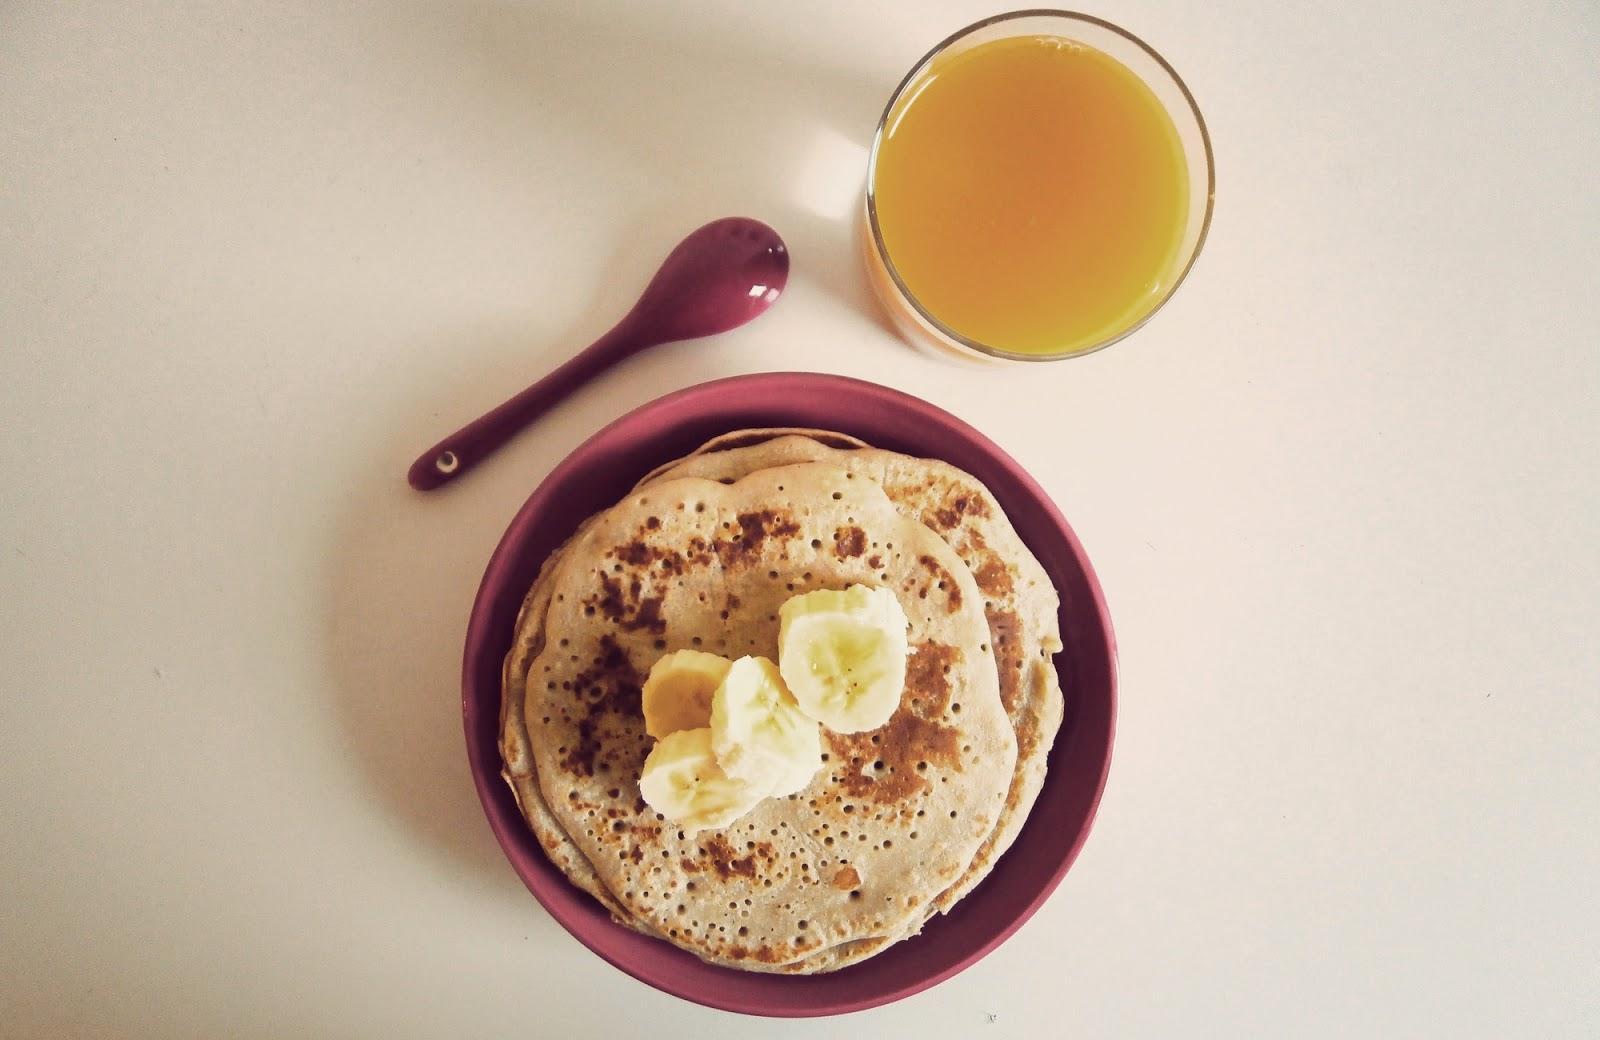 Bien connu cuisine healthy] petit déj, crêpes à la banane - Paperblog BW89